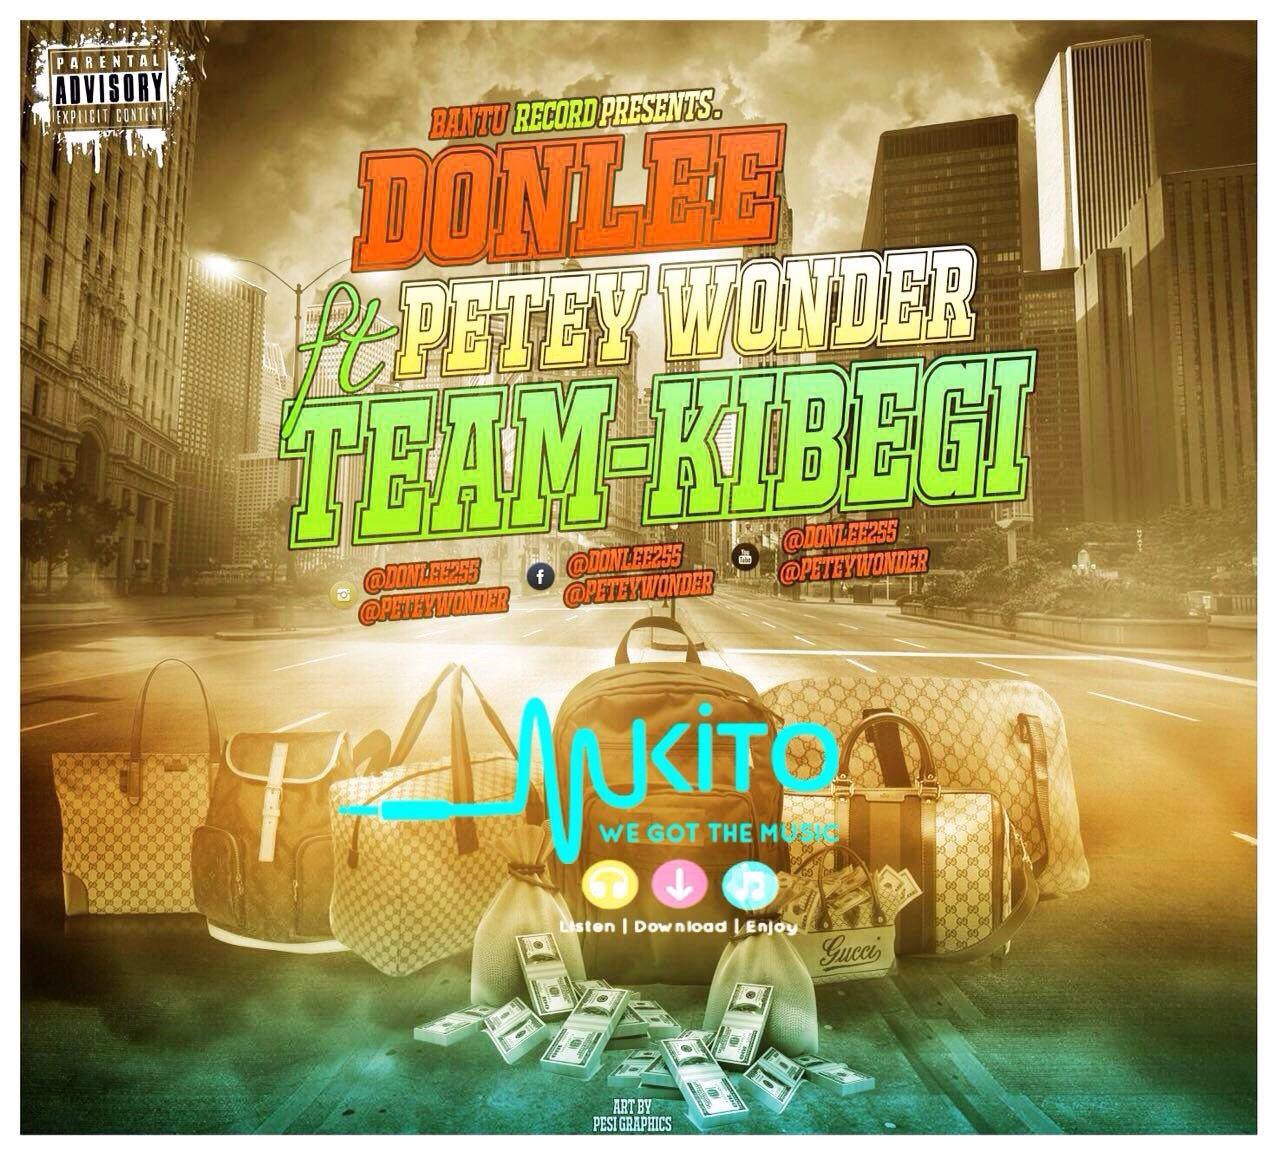 Don Lee - Donlee ft P Wonder Team kibegi